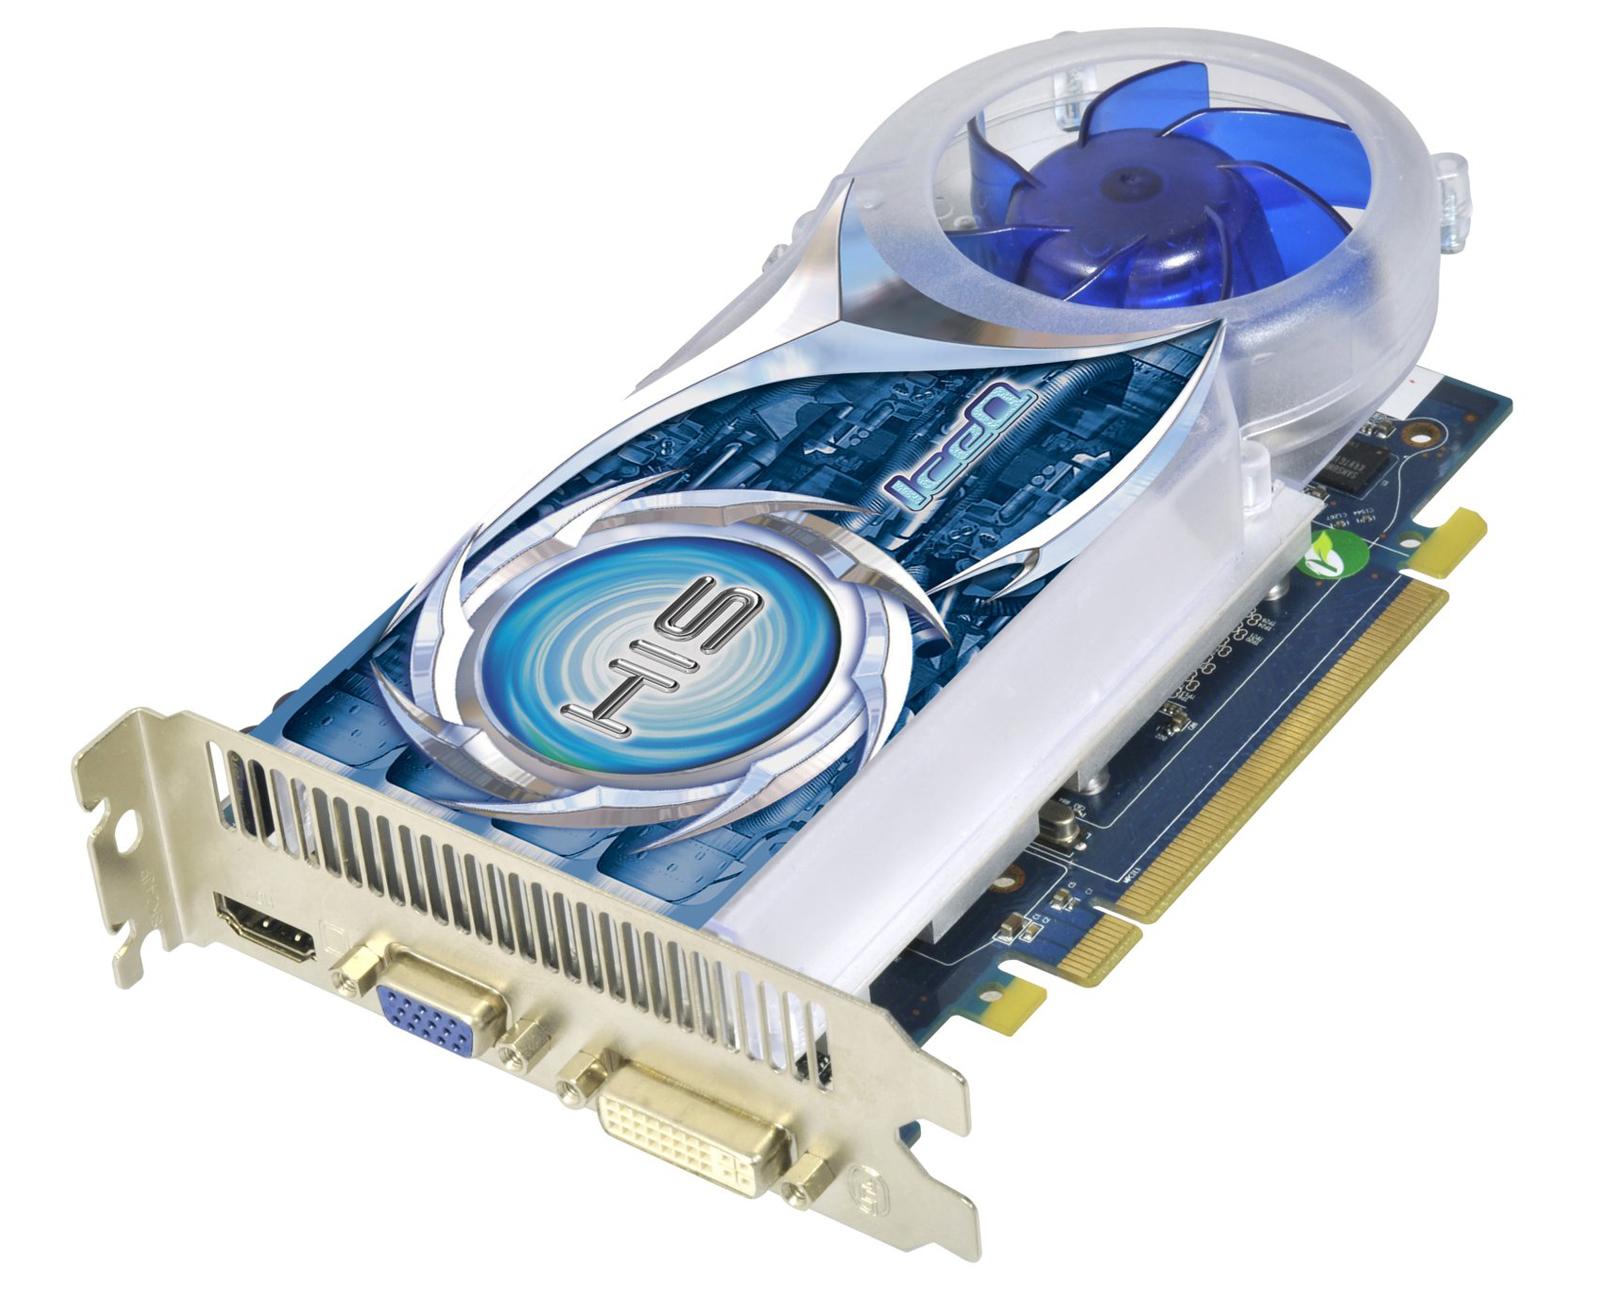 Ati Radeon Hd 4600 Drivers Free Download